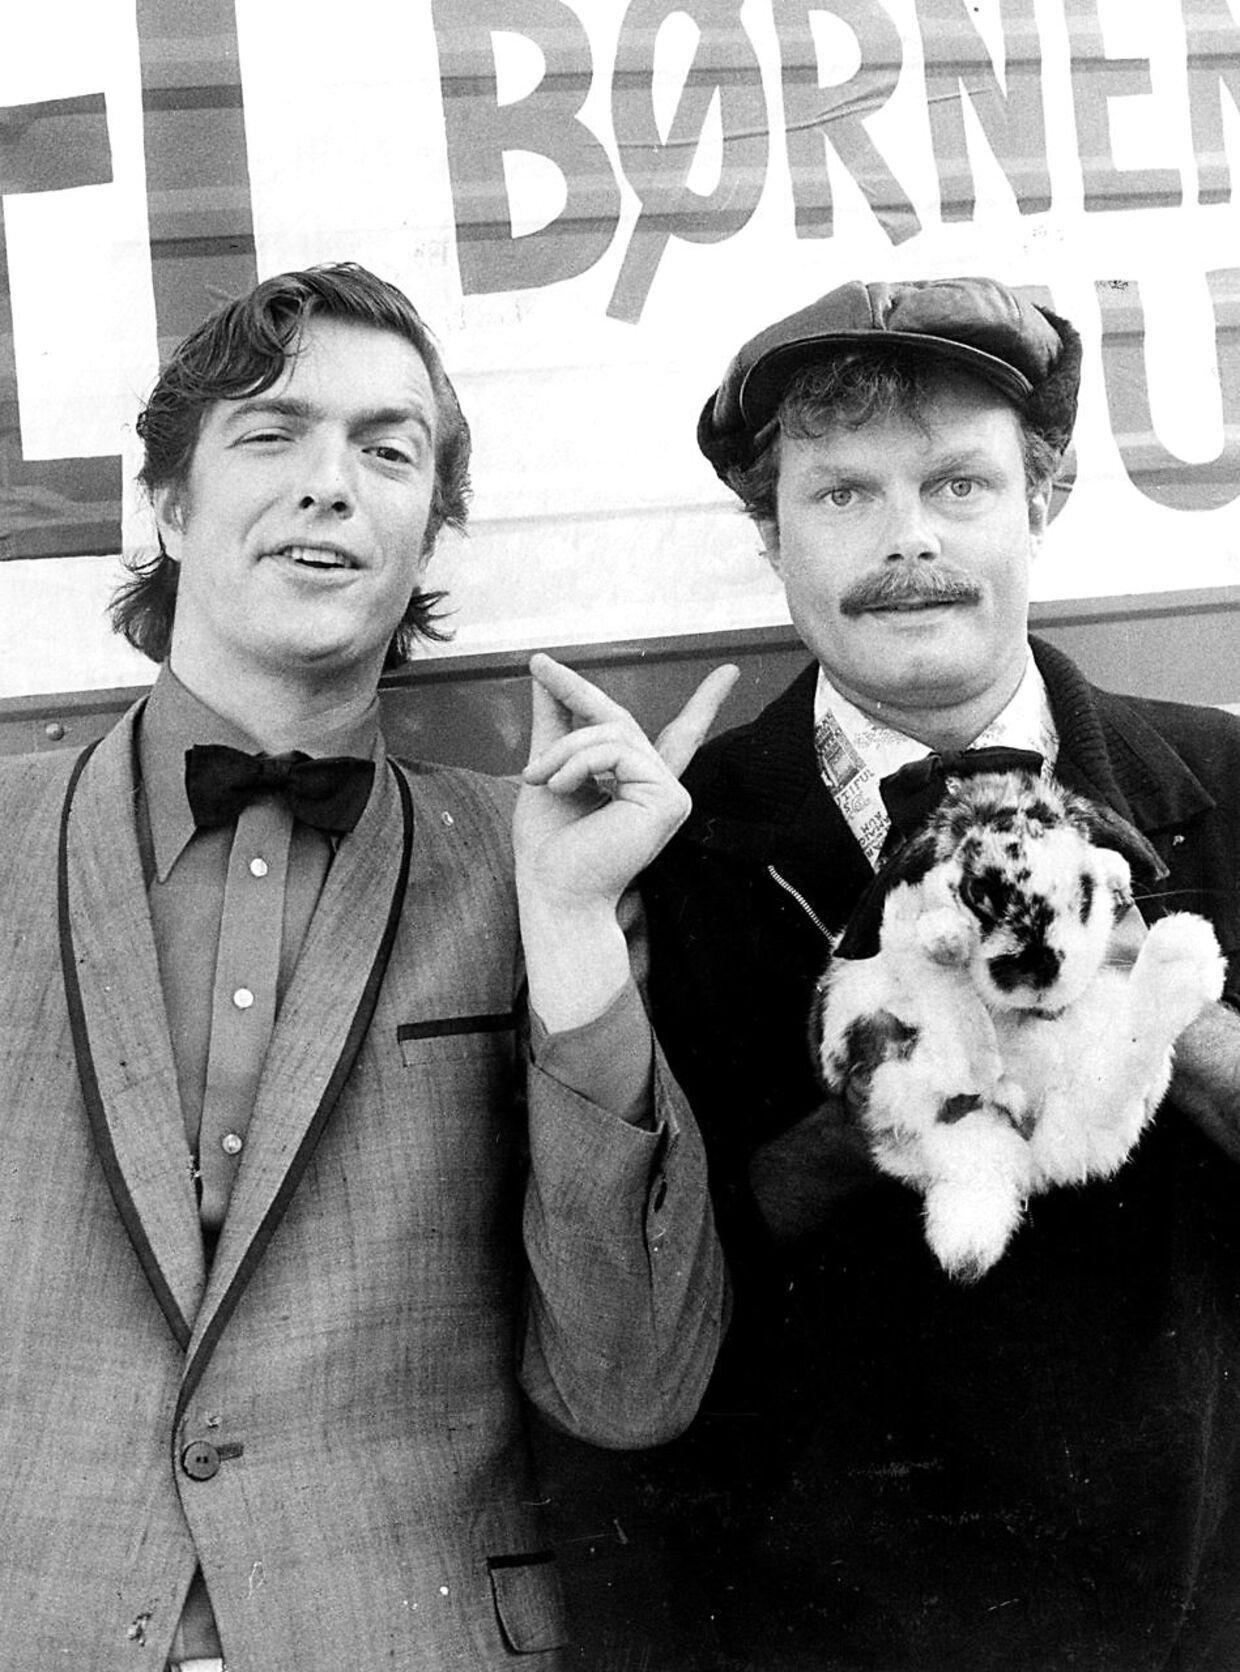 Igennem et langt liv har Ole Stephensen og Jarl Friis-Mikkelsen kørt parløb. De blev kendt som Brødrene Øb og Bøv, men har også indspillet film og lavet tv sammen. Arkiv